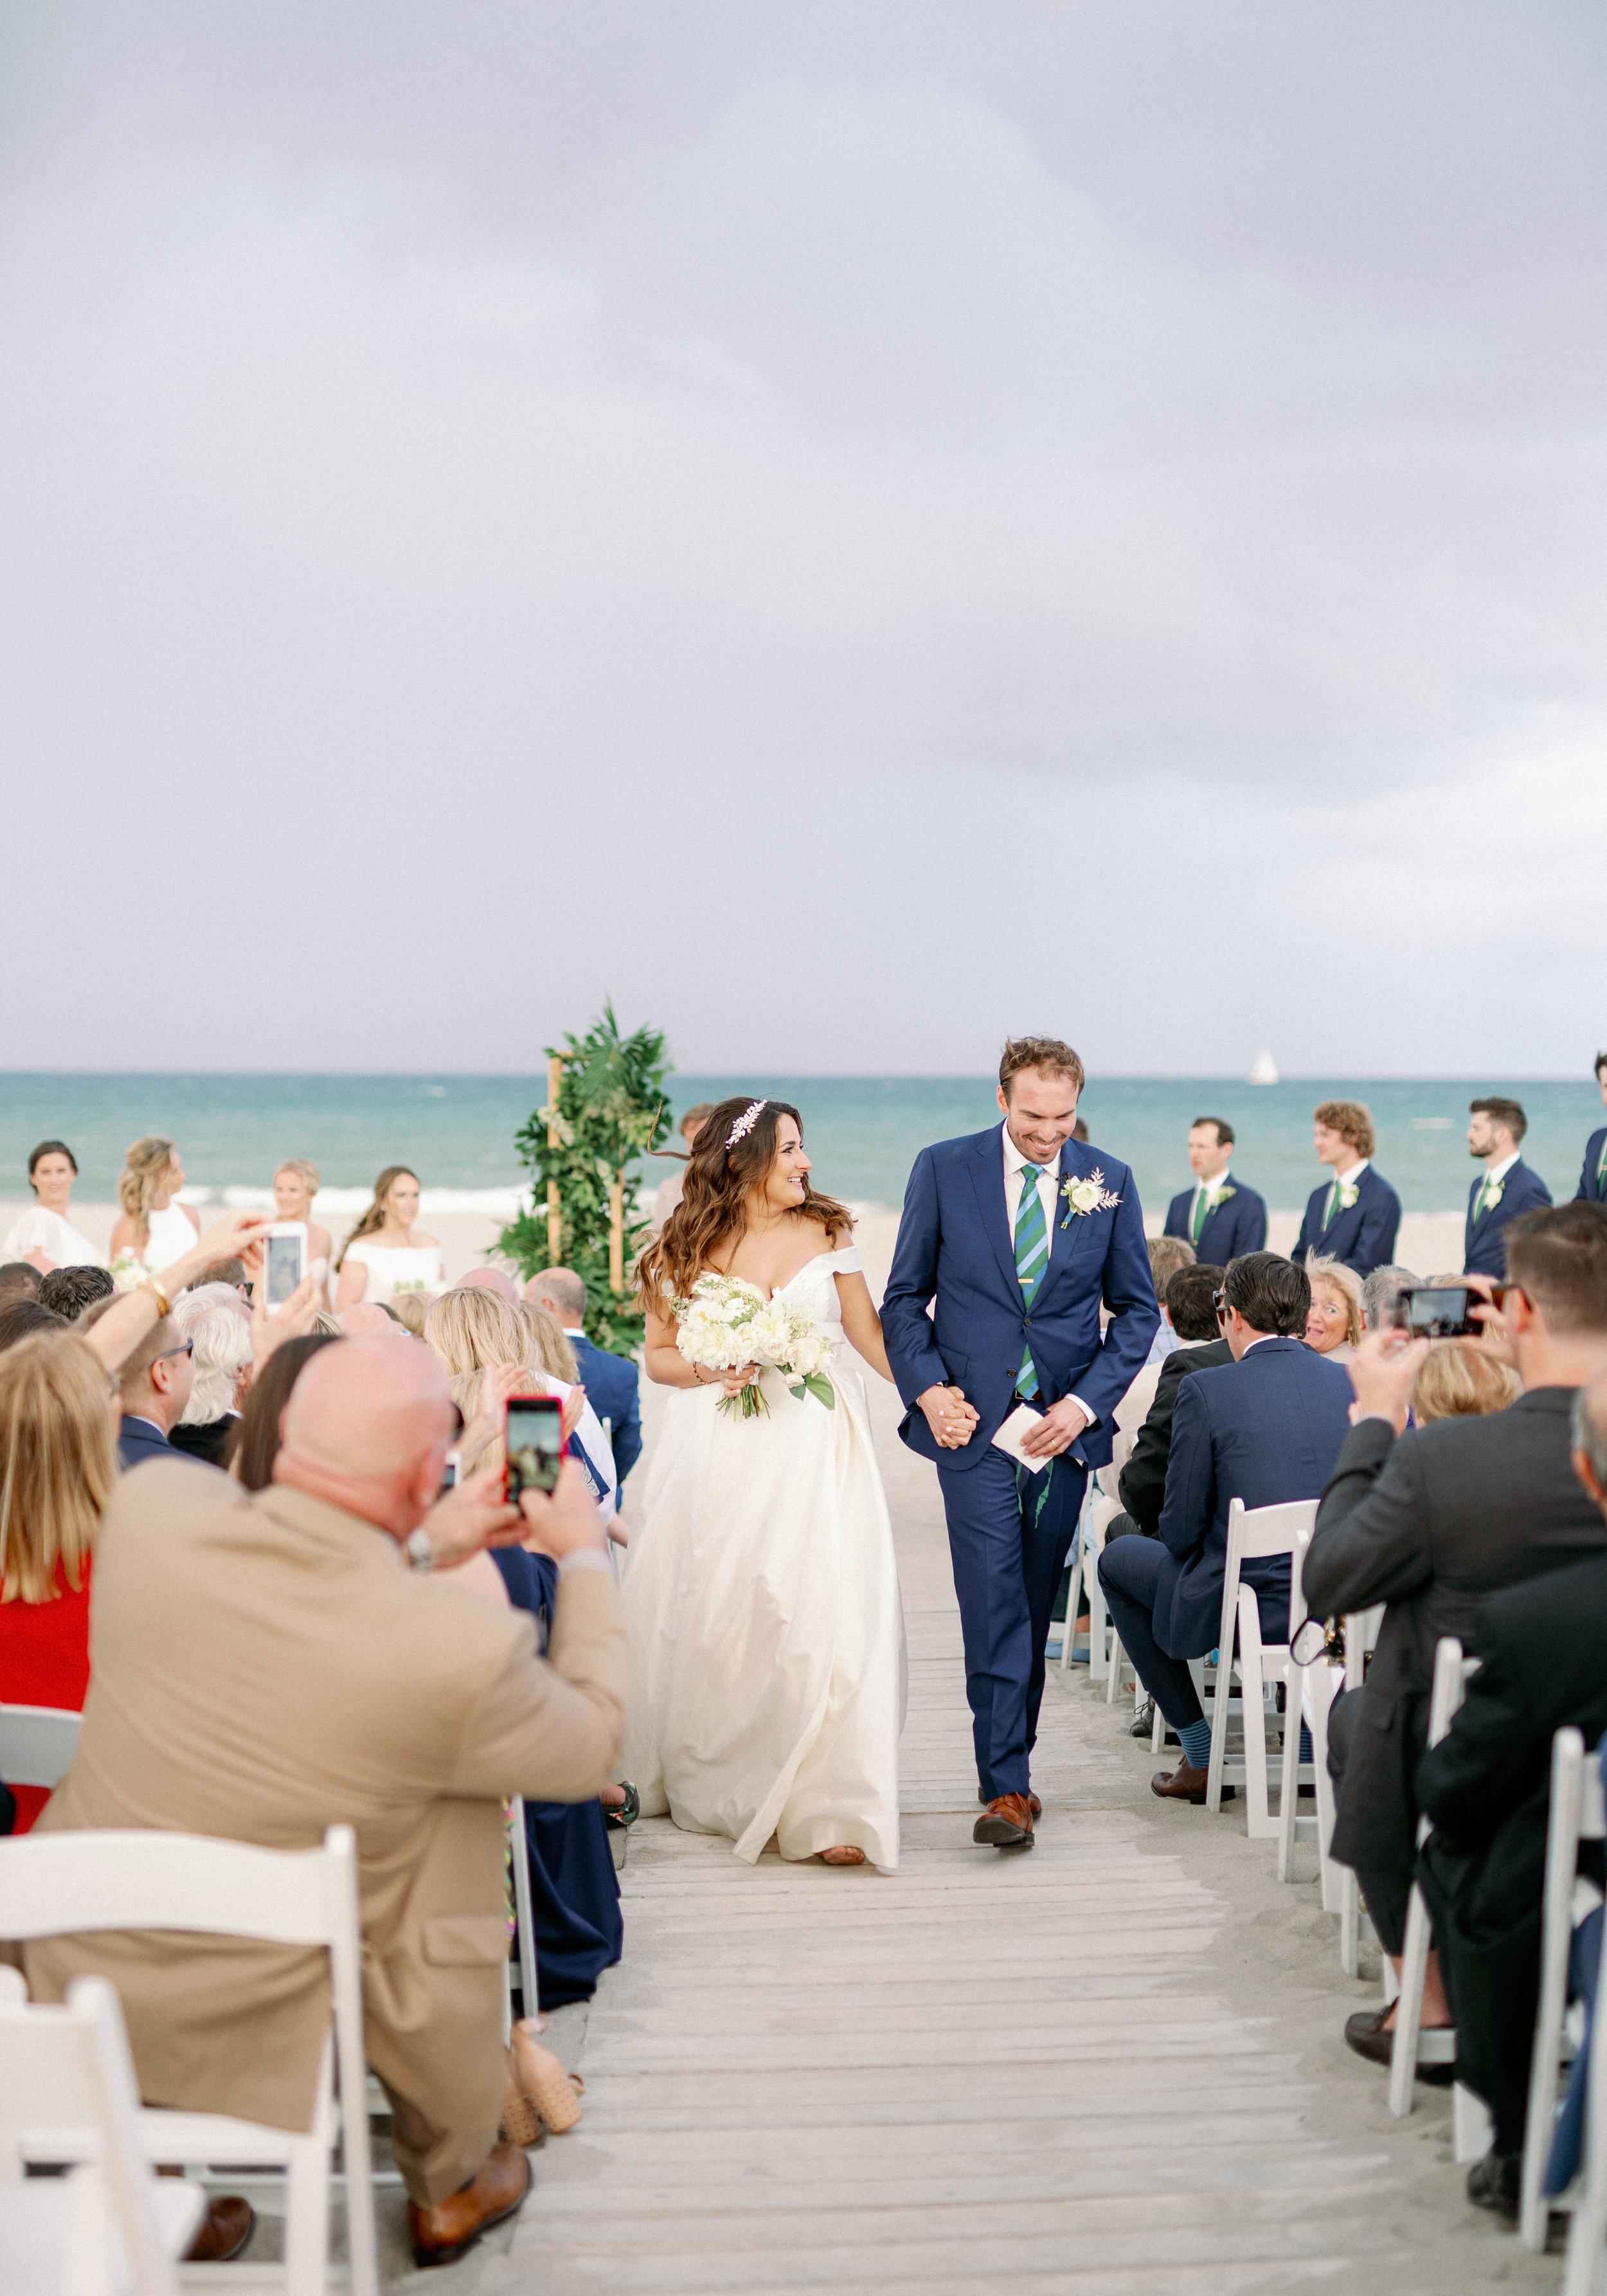 ourwedding309239.jpg